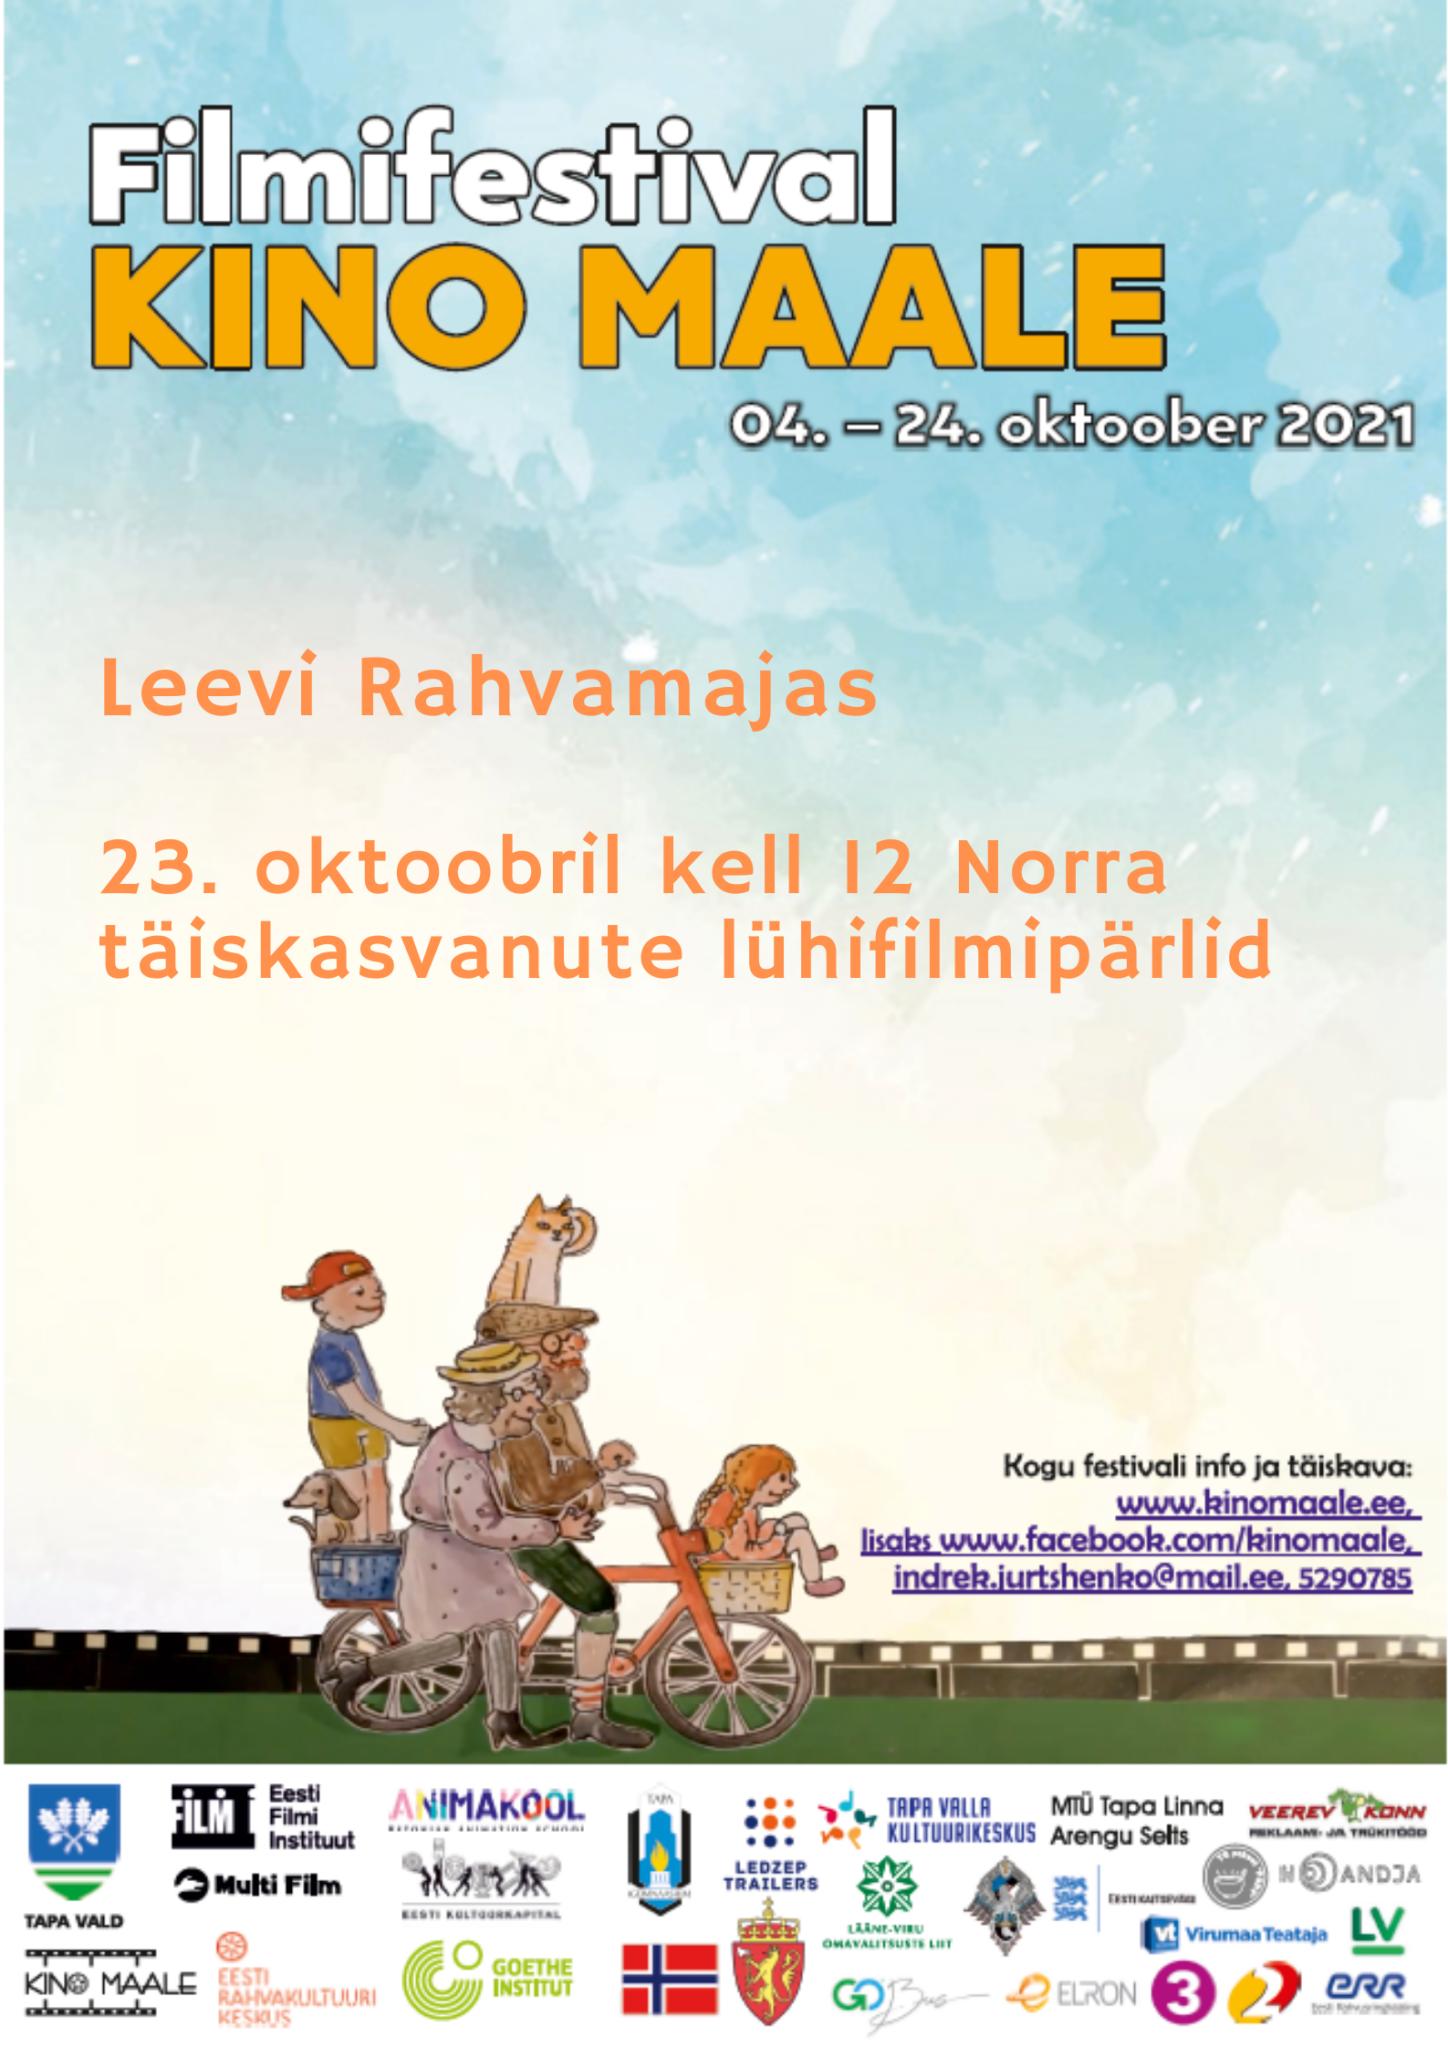 Filmifestival Kino maale: Norra täiskasvanute lühifilmipärlid @ Leevi rahvamaja | Leevi | Põlva maakond | Eesti